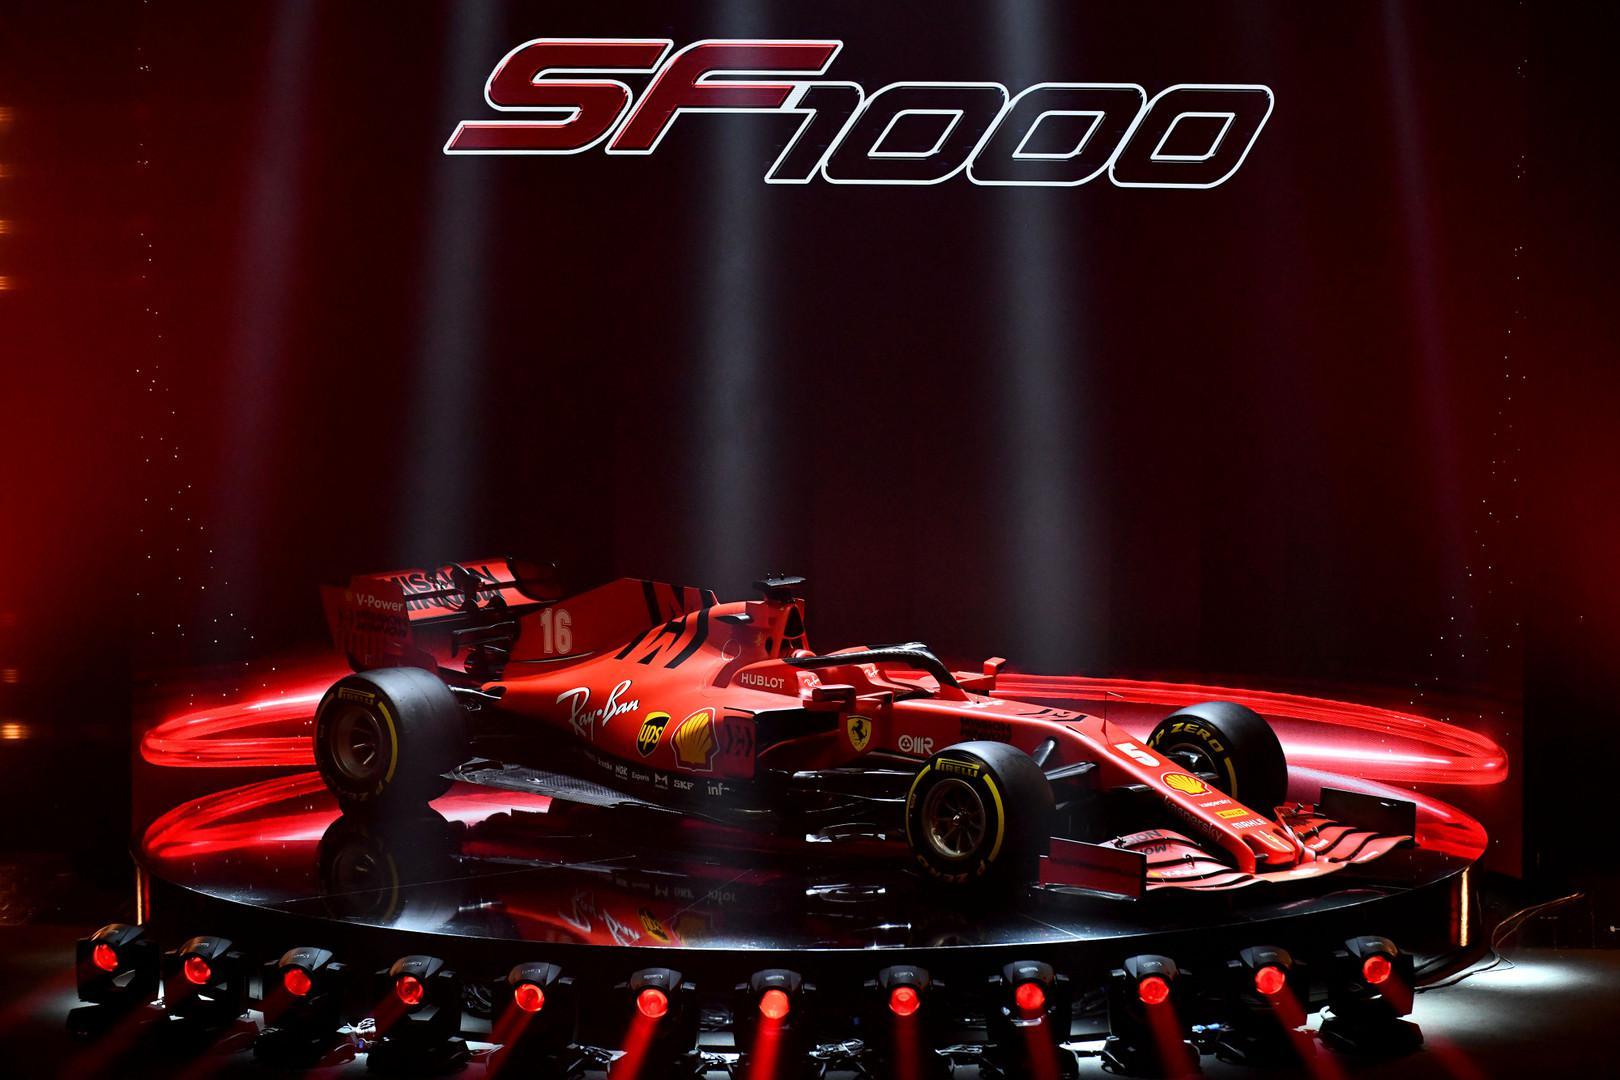 sf1000 01.jpg